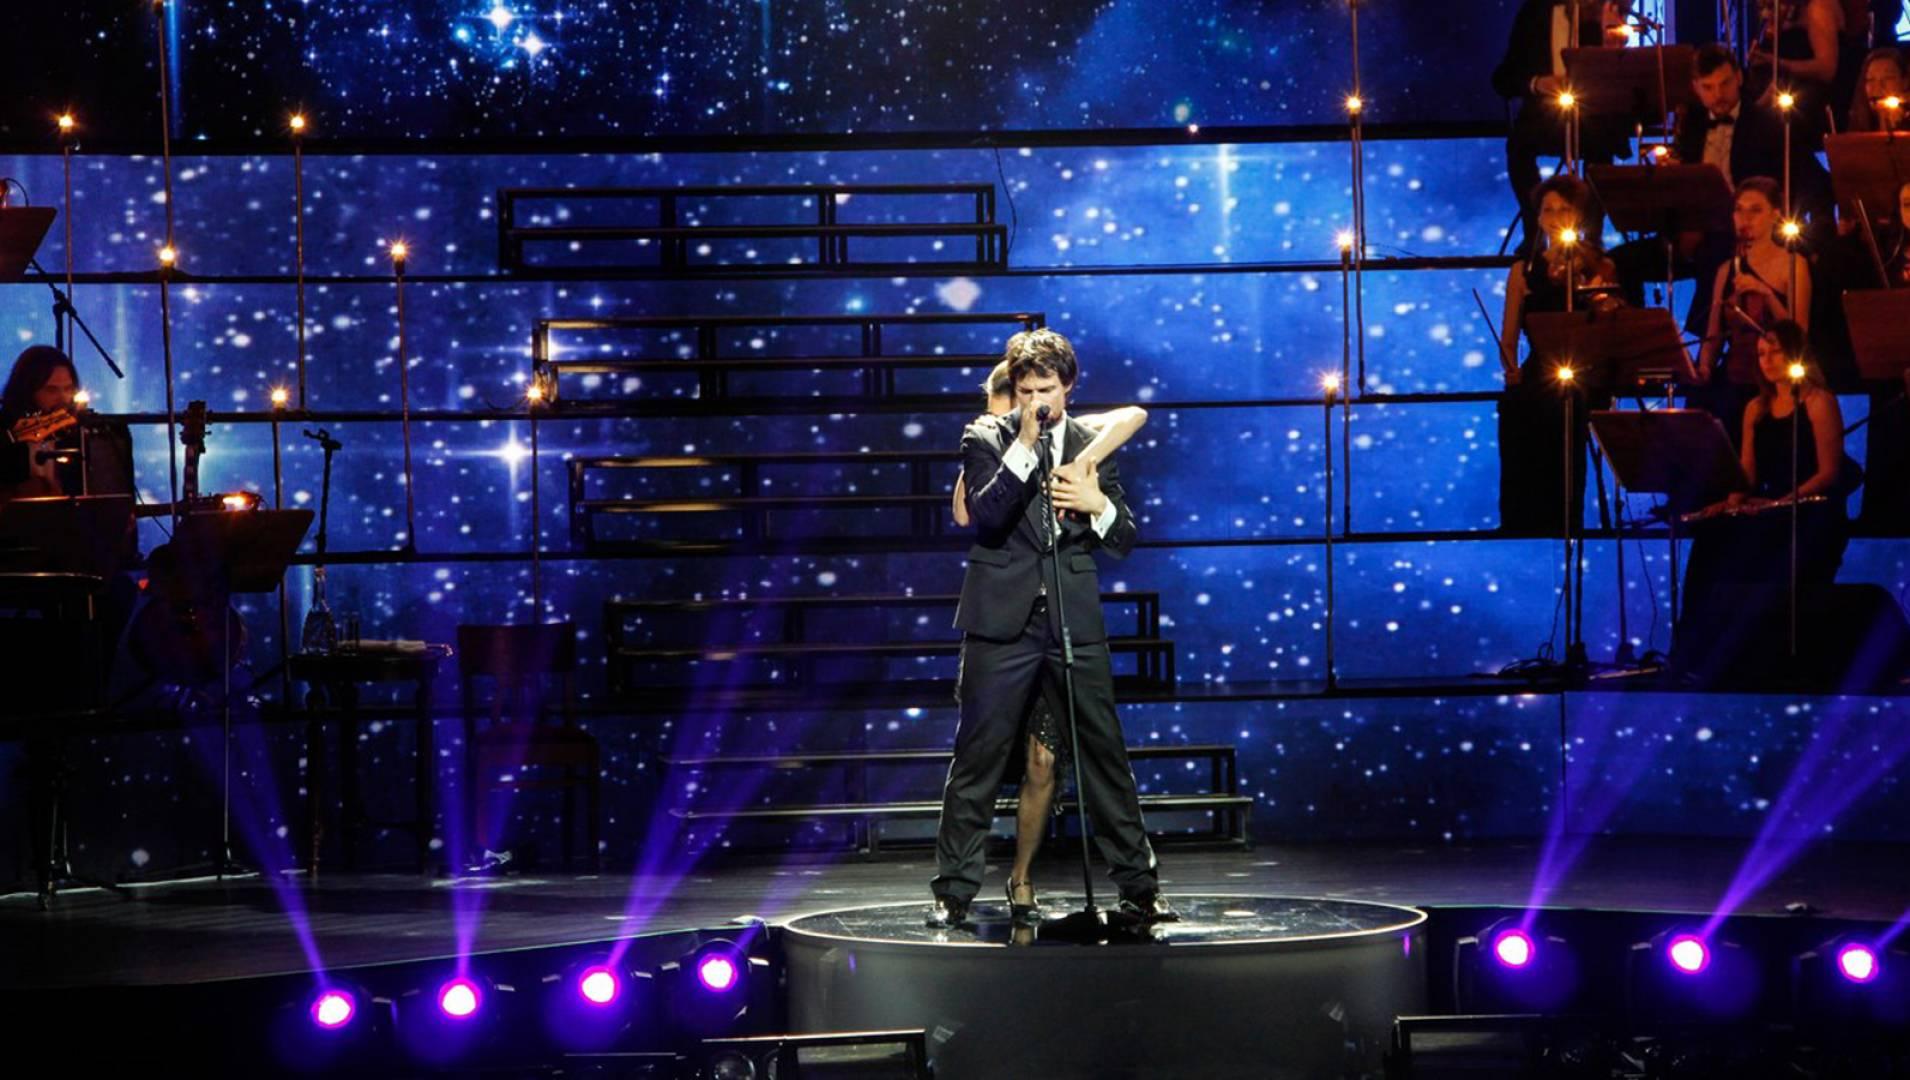 Большая мечта обыкновенного человека - Концерт